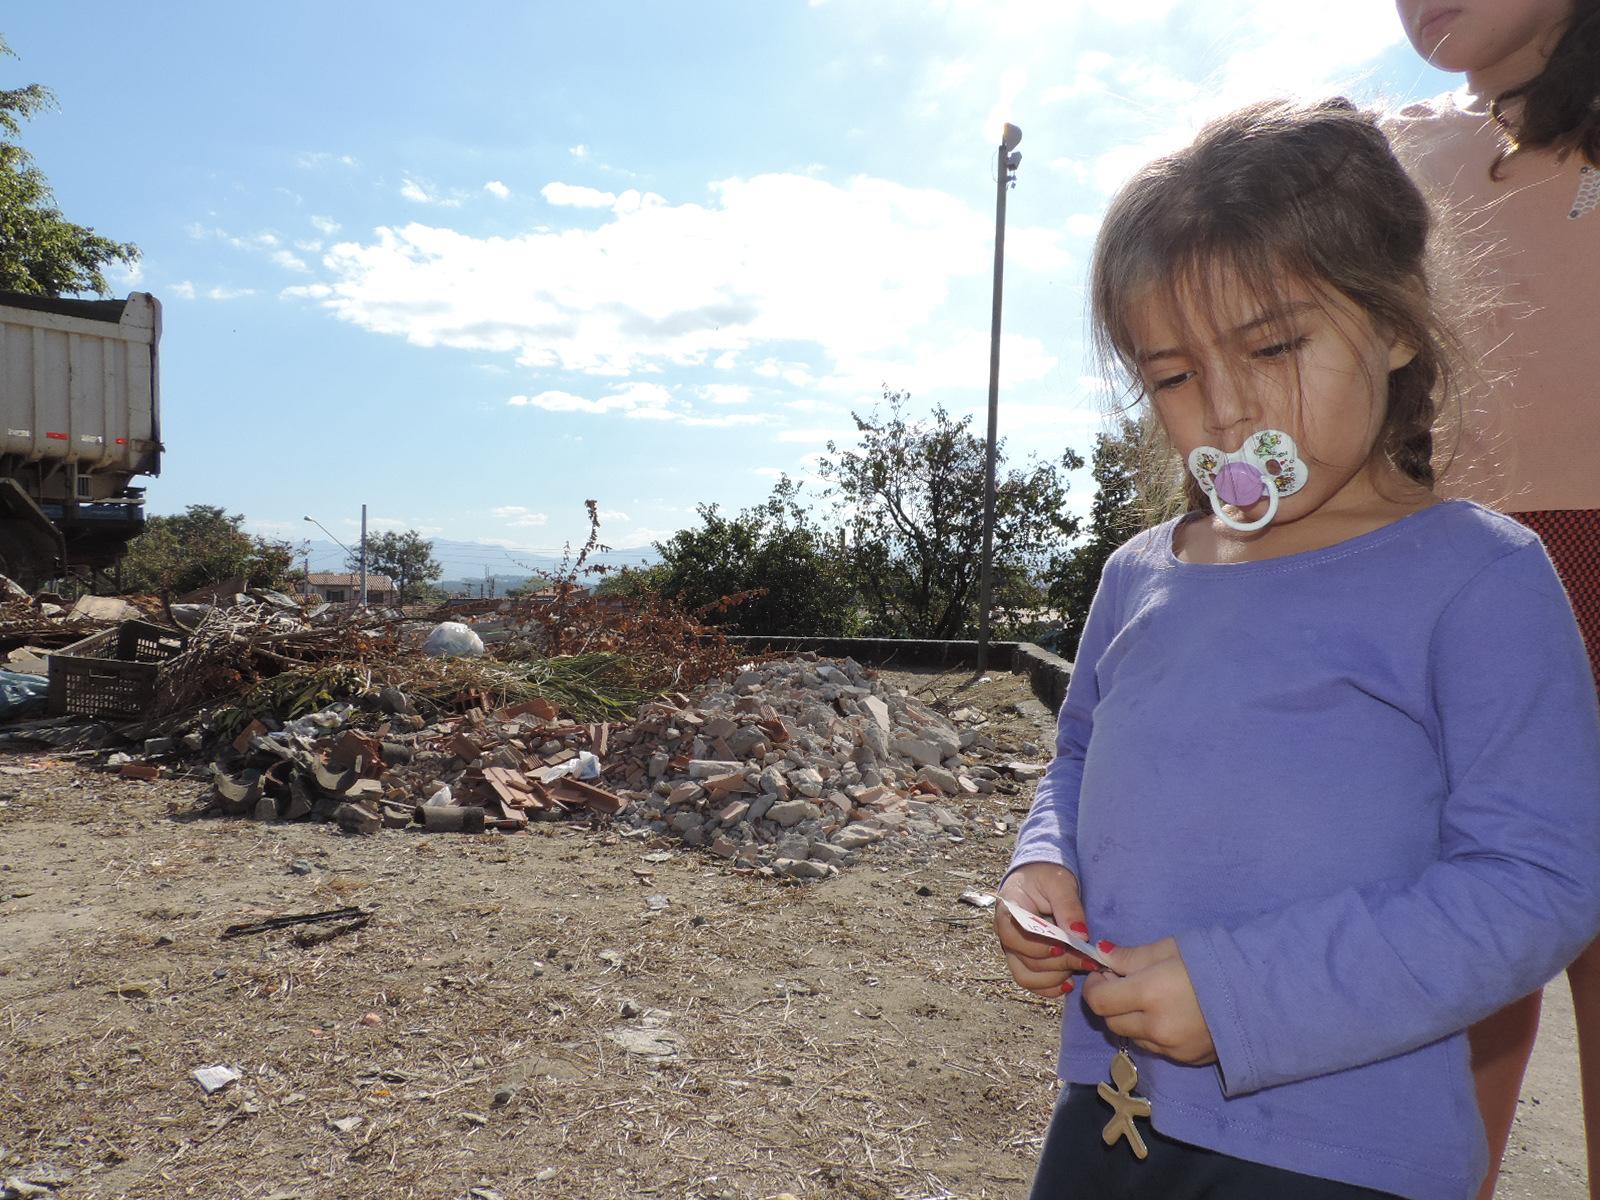 Criança brinca em área usada como lixão por moradores do Pitéu; Prefeitura promete ação para inibir (Foto: Lucas Barbosa)